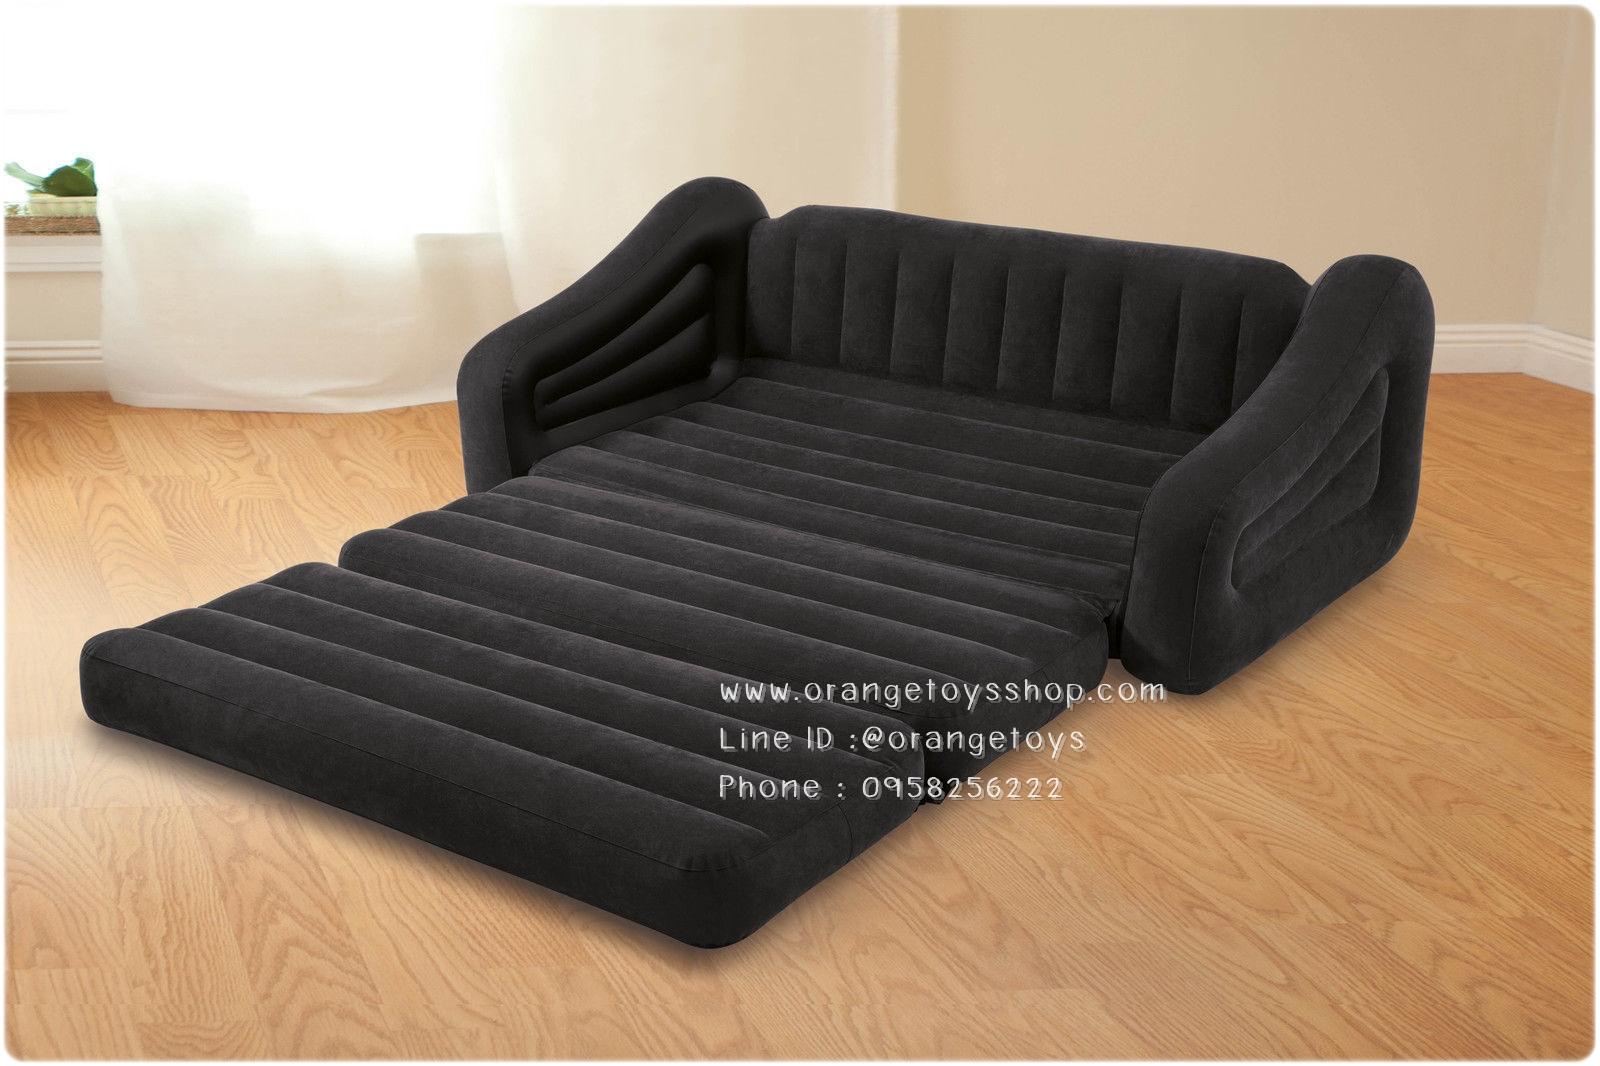 Intex 68566NP โซฟาที่นอน Sofa Bed เป่าลม ขนาดควีนไซส์ (ฟรี Intex เครื่องเป่าลม แบบธรรมดา)